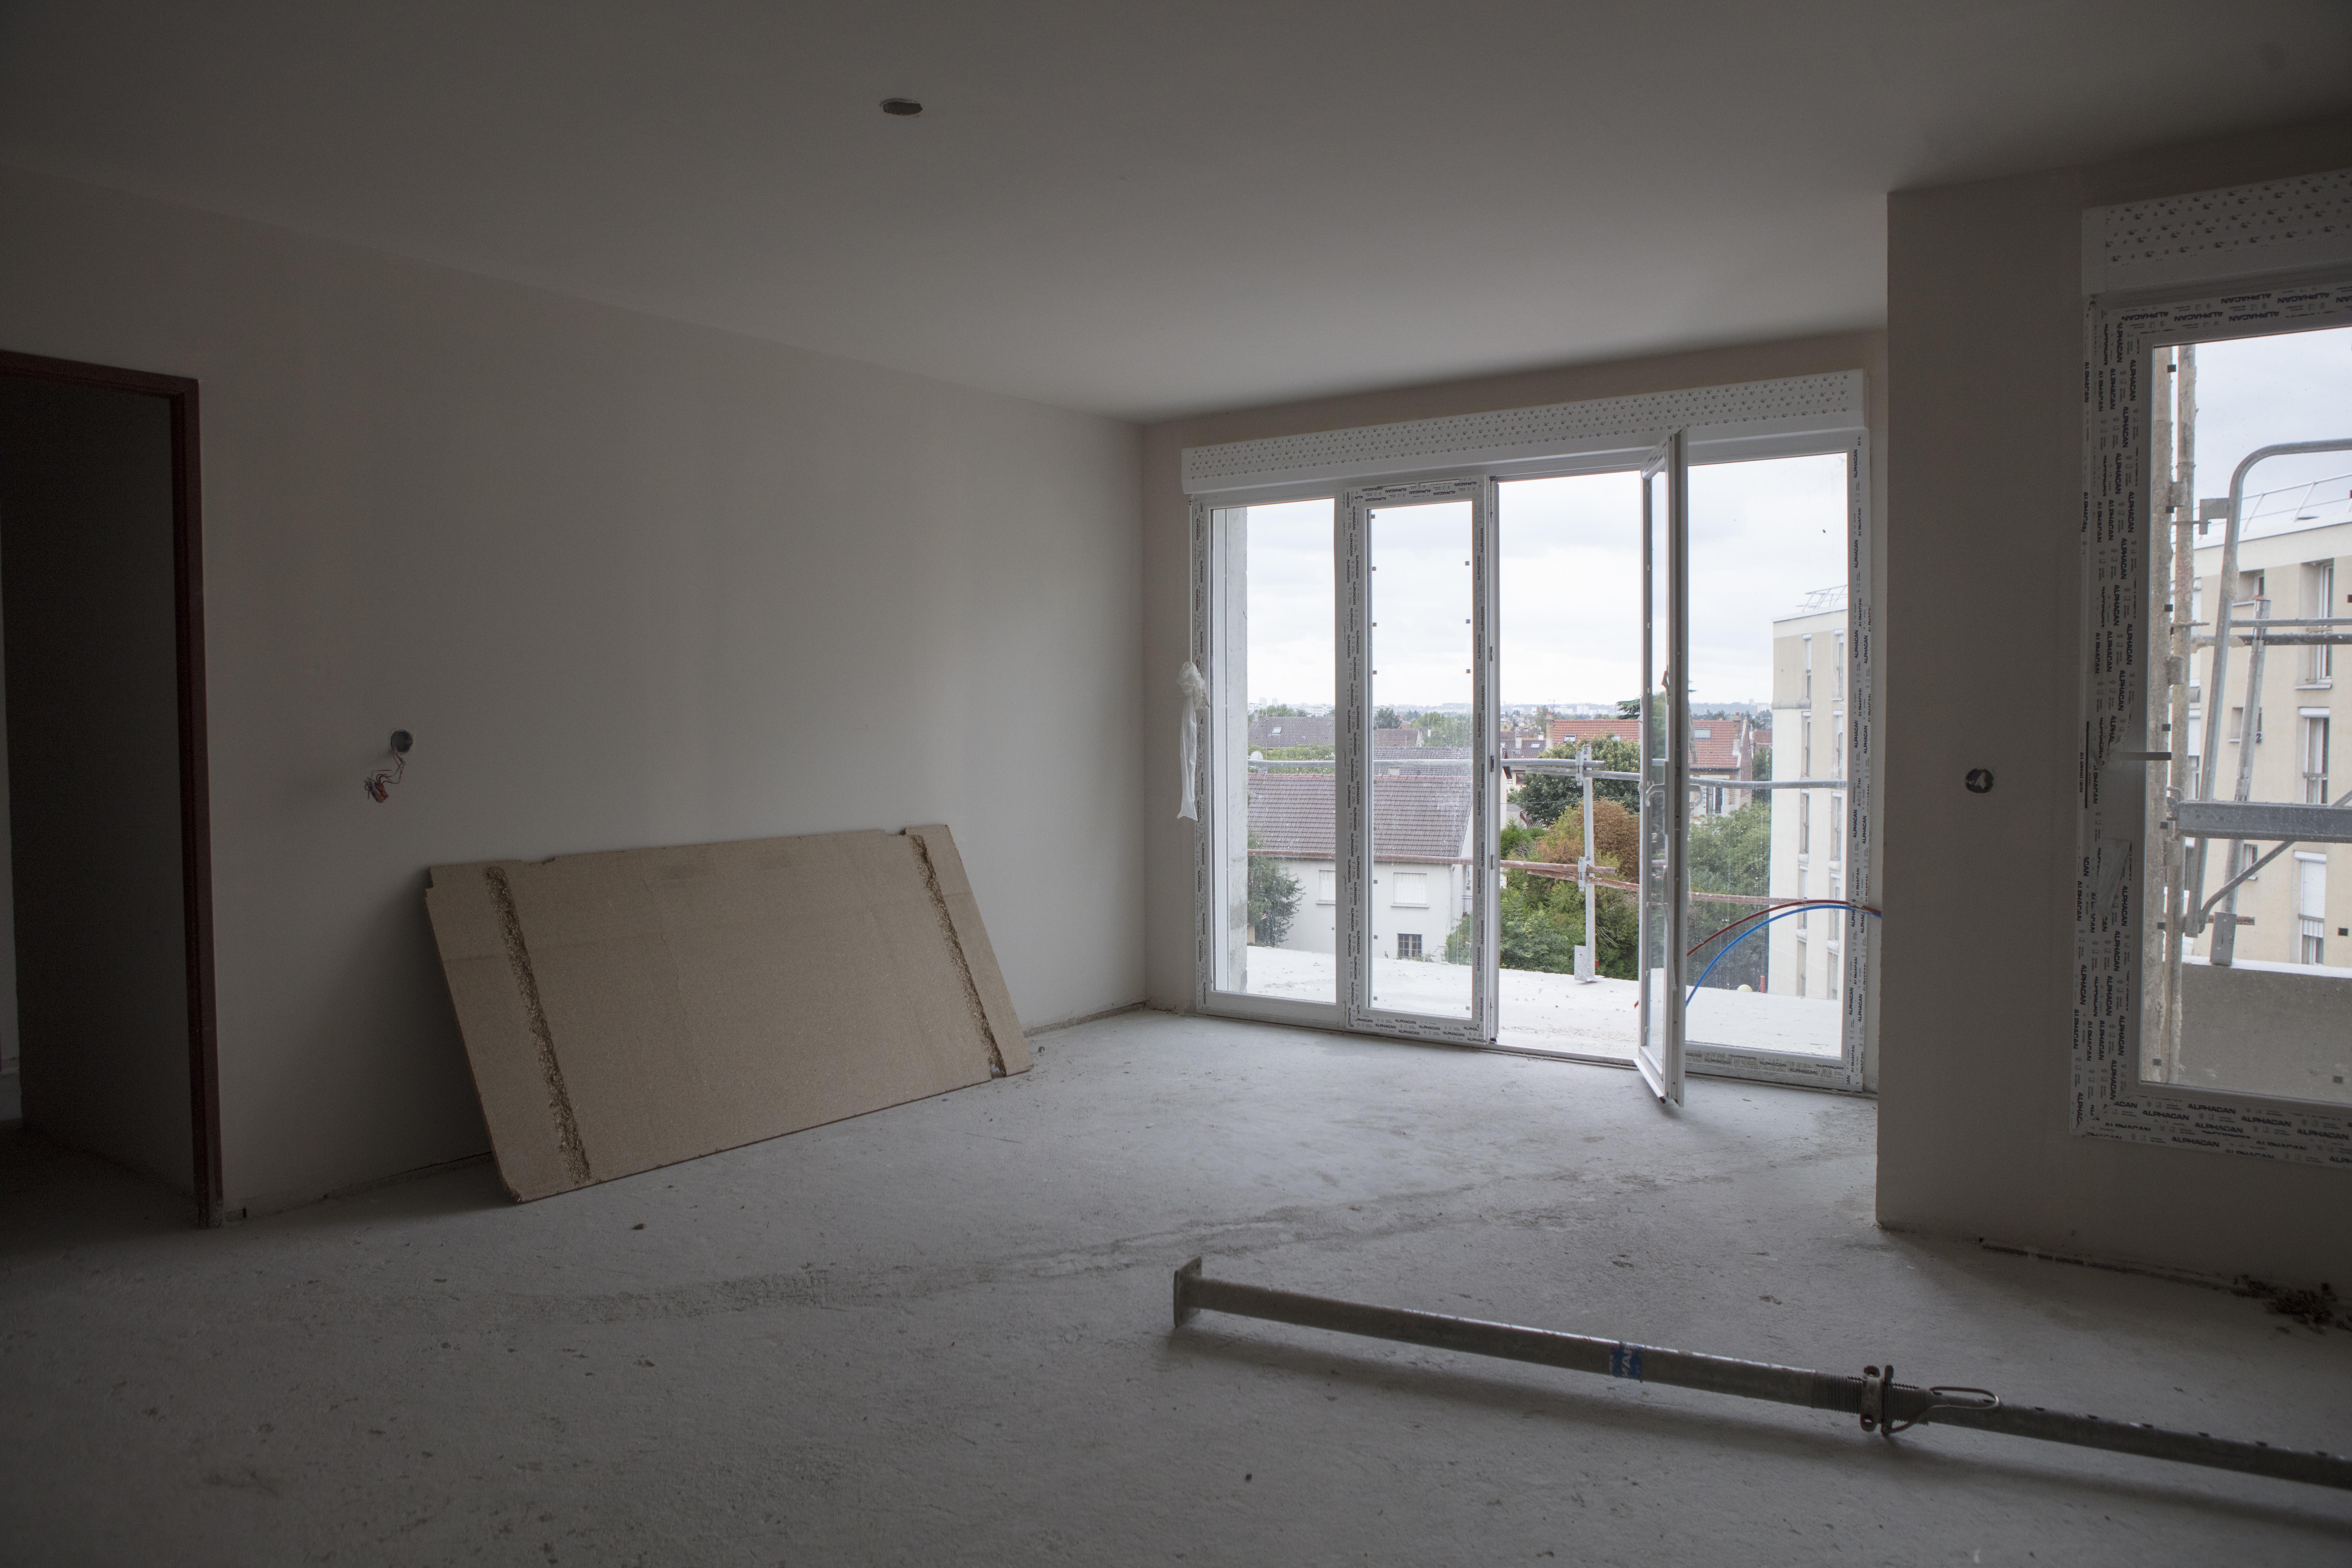 Construire logement aulnay sous - Maison de quartier jardin parisien aulnay sous bois ...